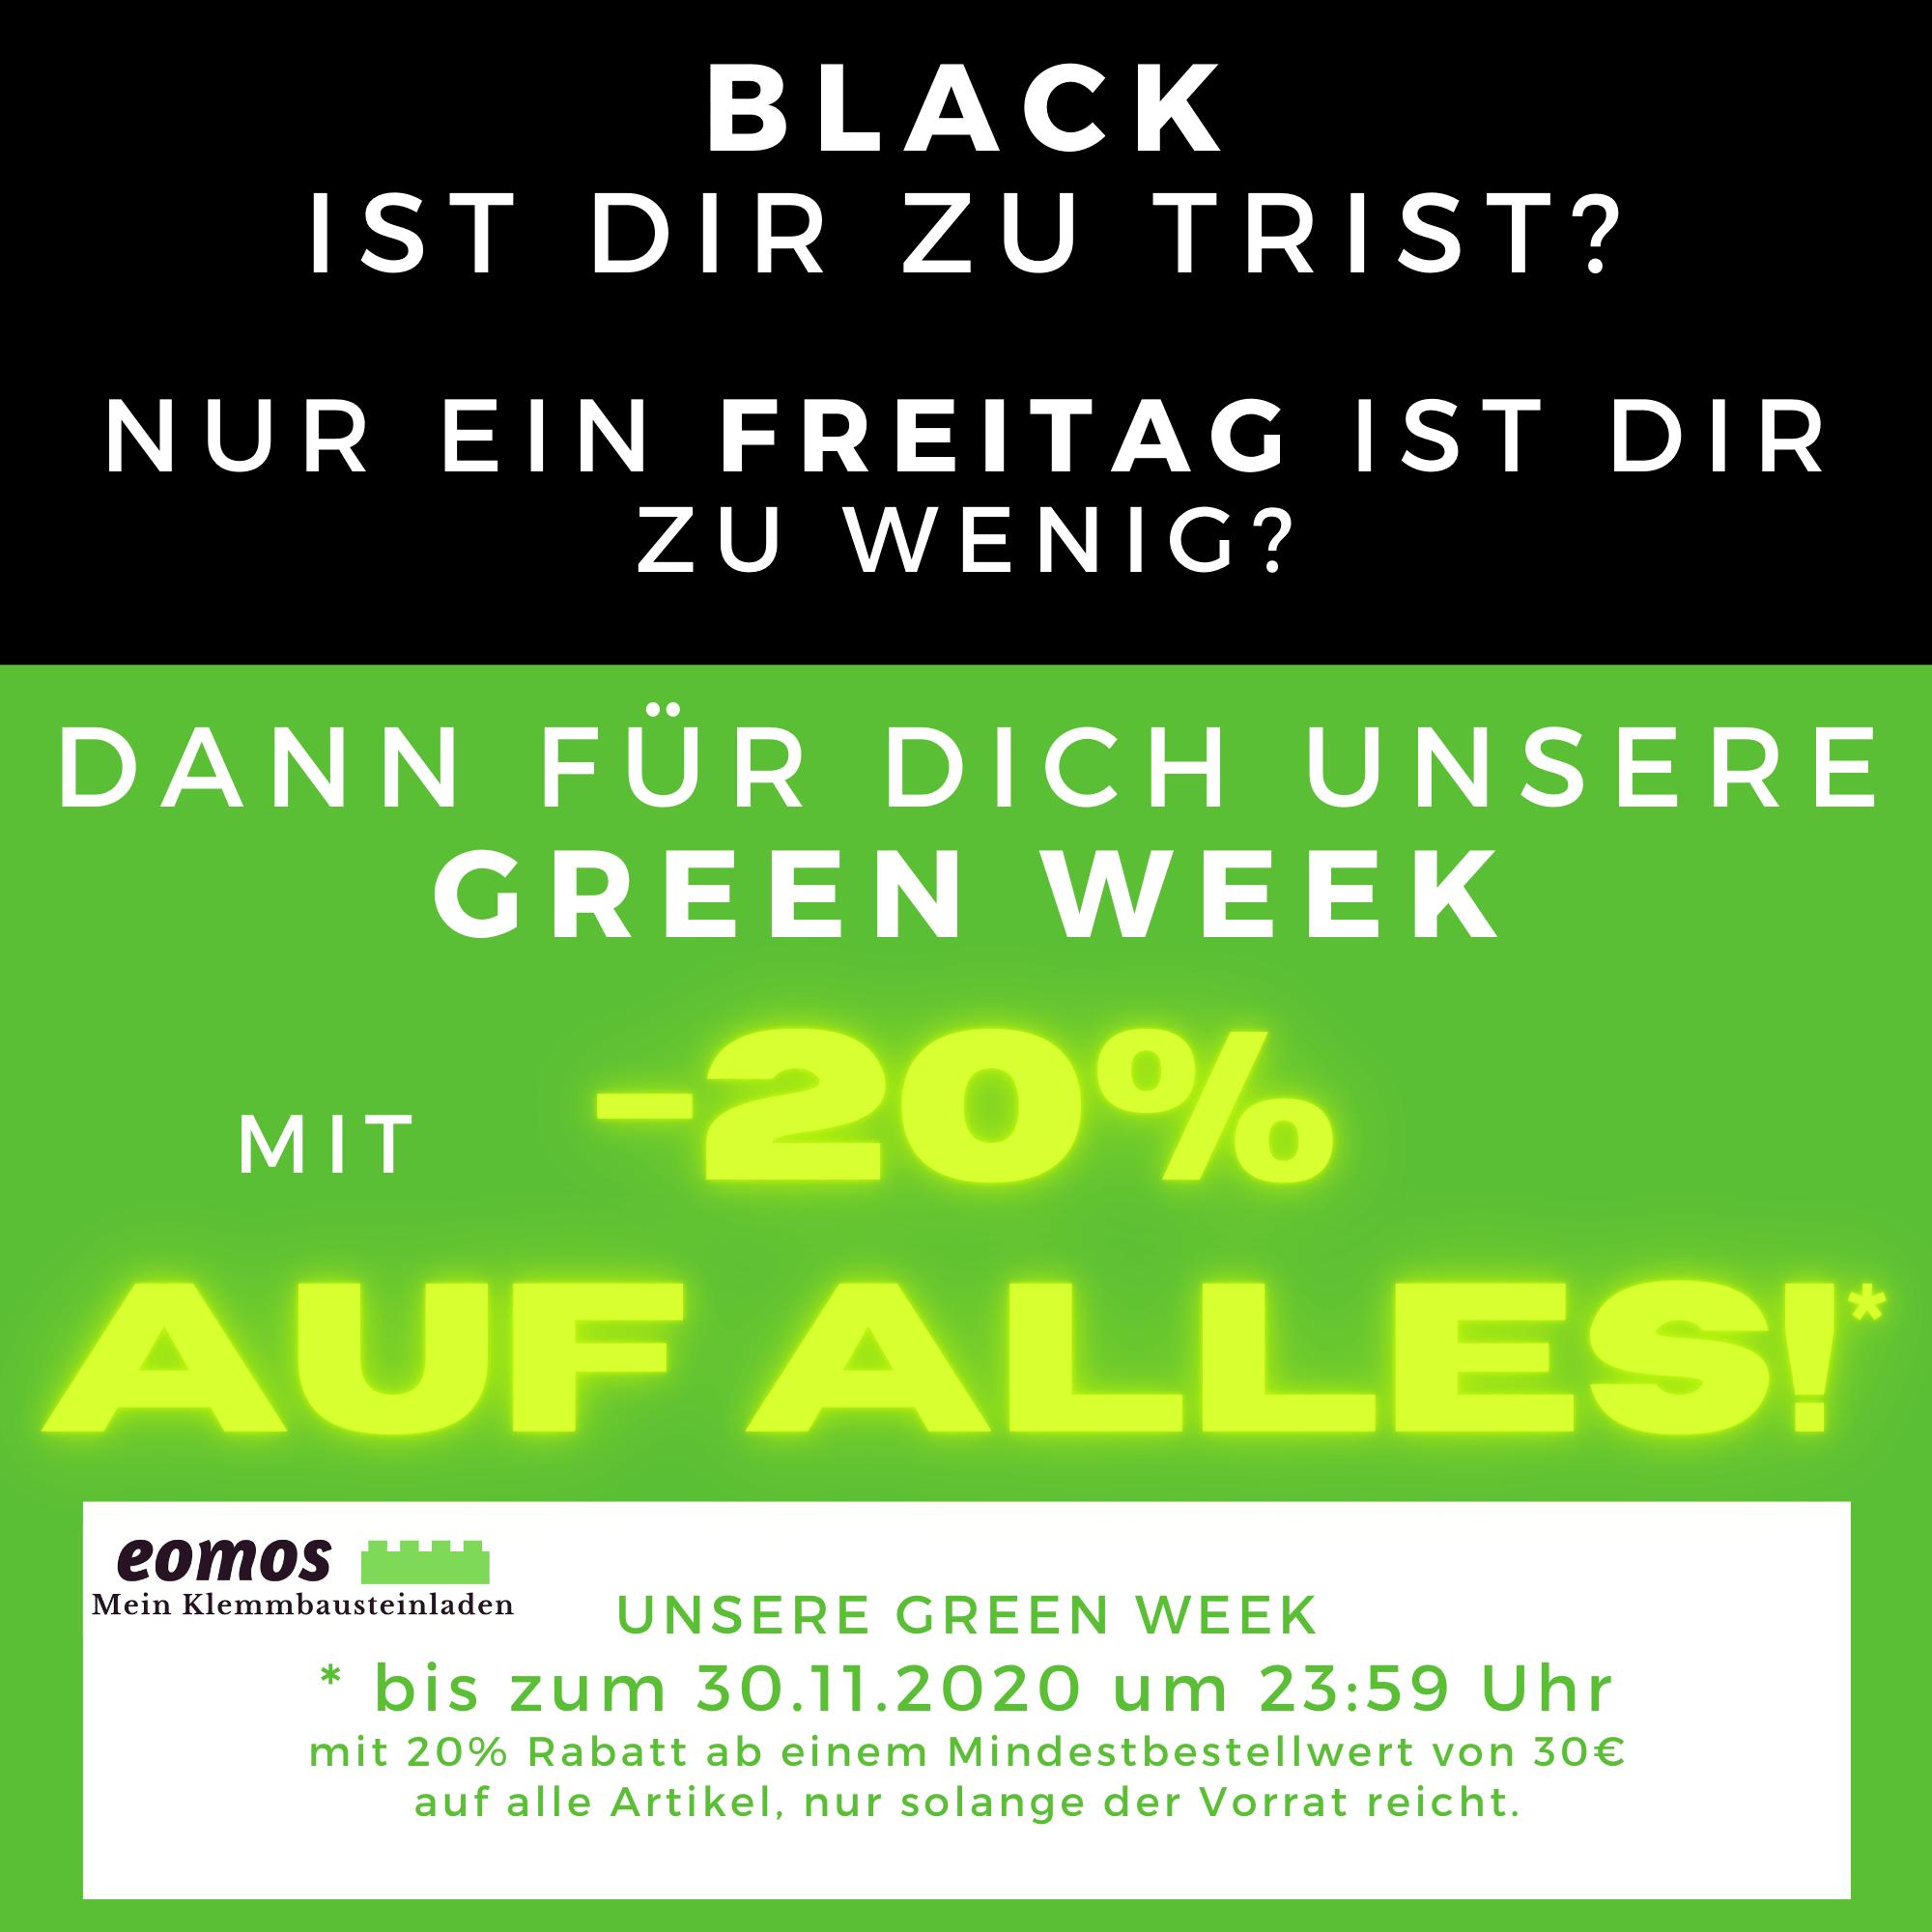 Update: 20% Rabatt auf alles bei eomos Mein Klemmbausteinladen in der GREEN WEEK